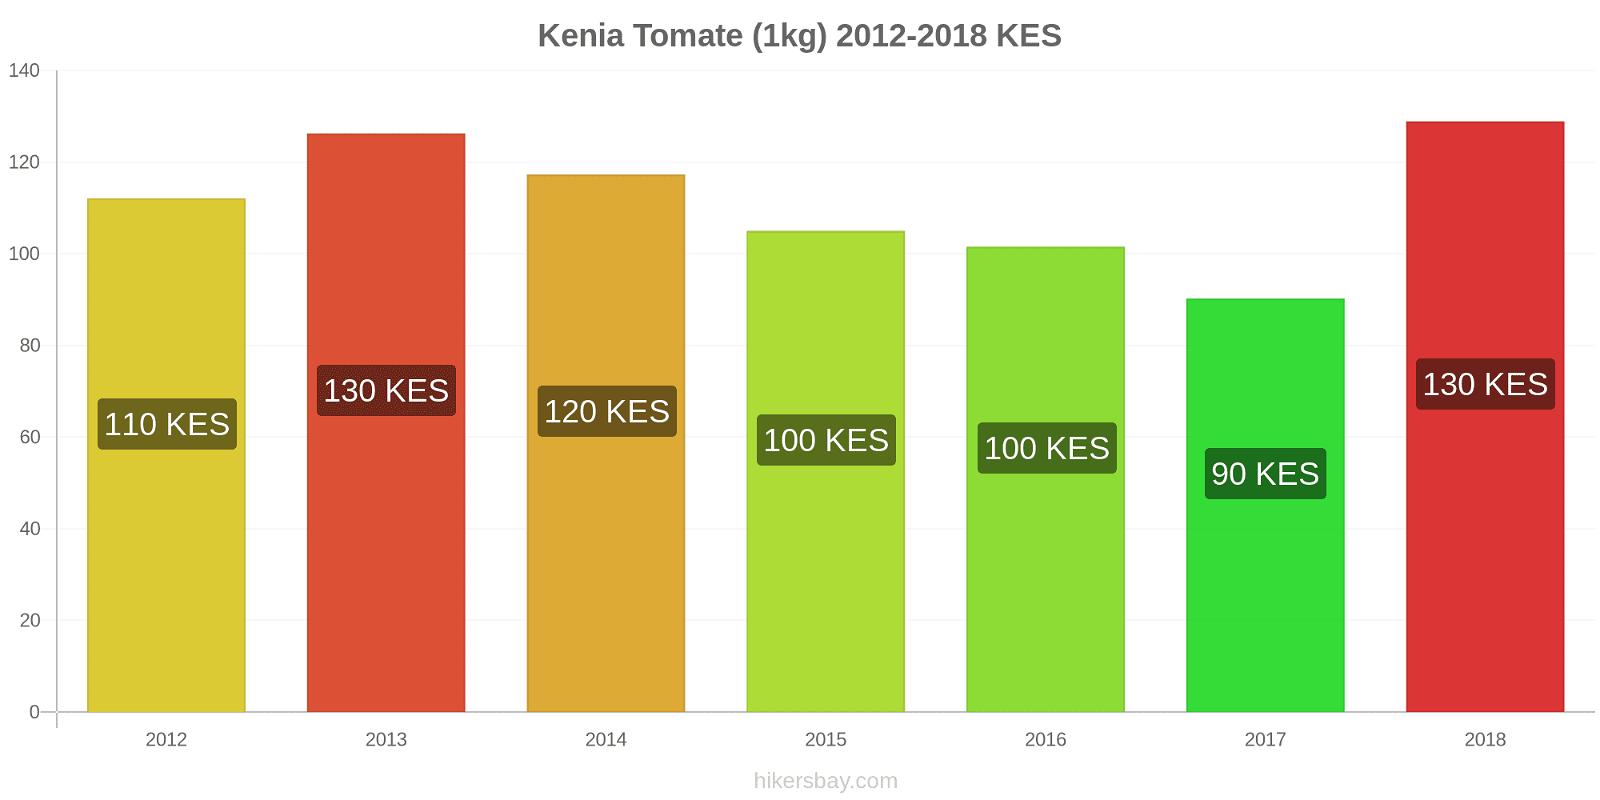 Kenia cambios de precios Tomate (1kg) hikersbay.com